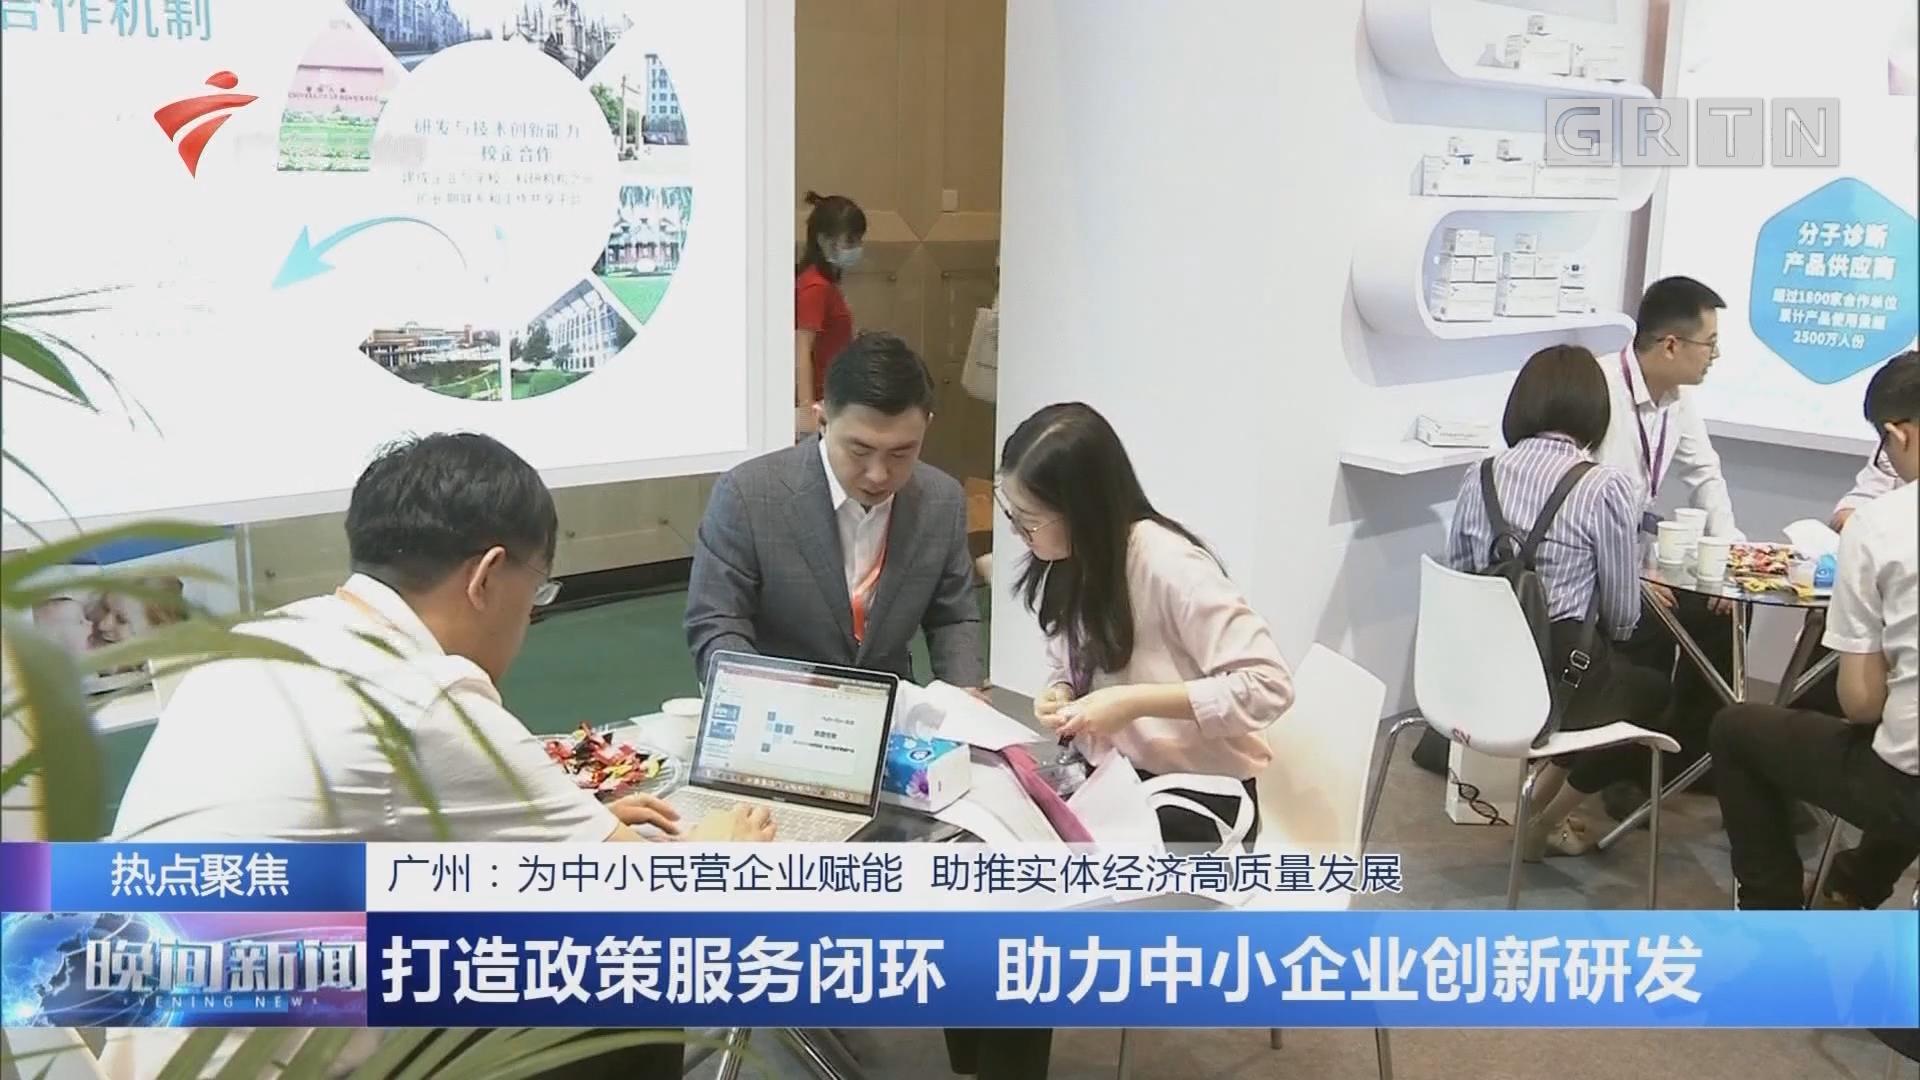 广州:为中小民营企业赋能 助推实体经济高质量发展 打造政策服务闭环 助力中小企业创新研发